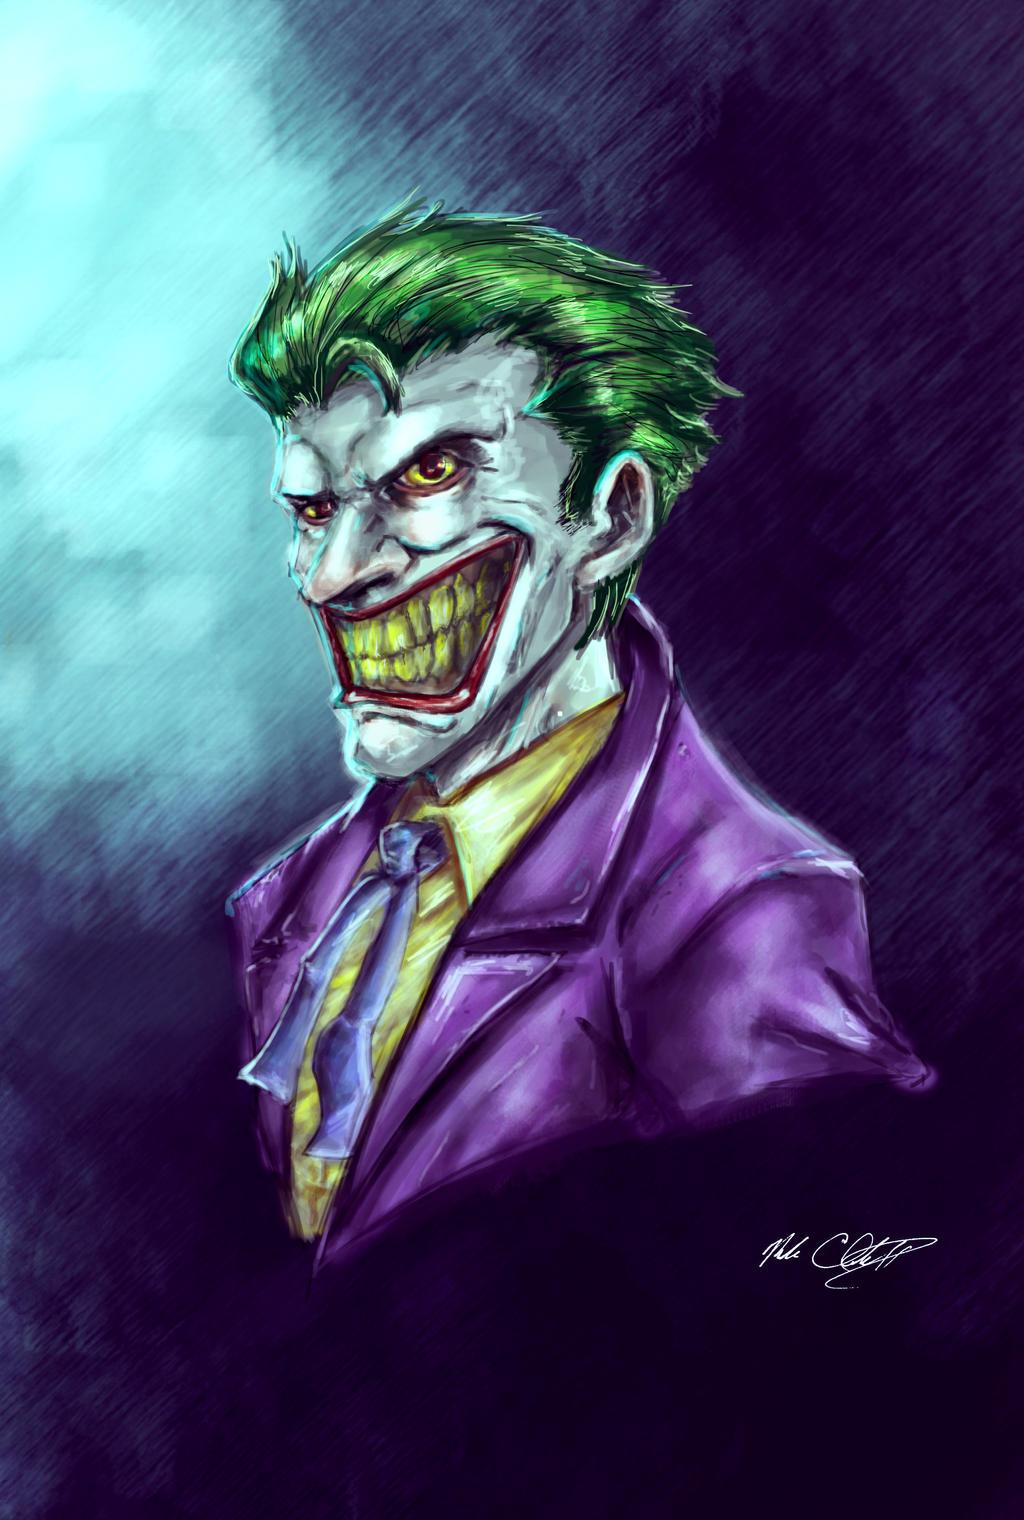 Joker painting by Mark-Clark-II